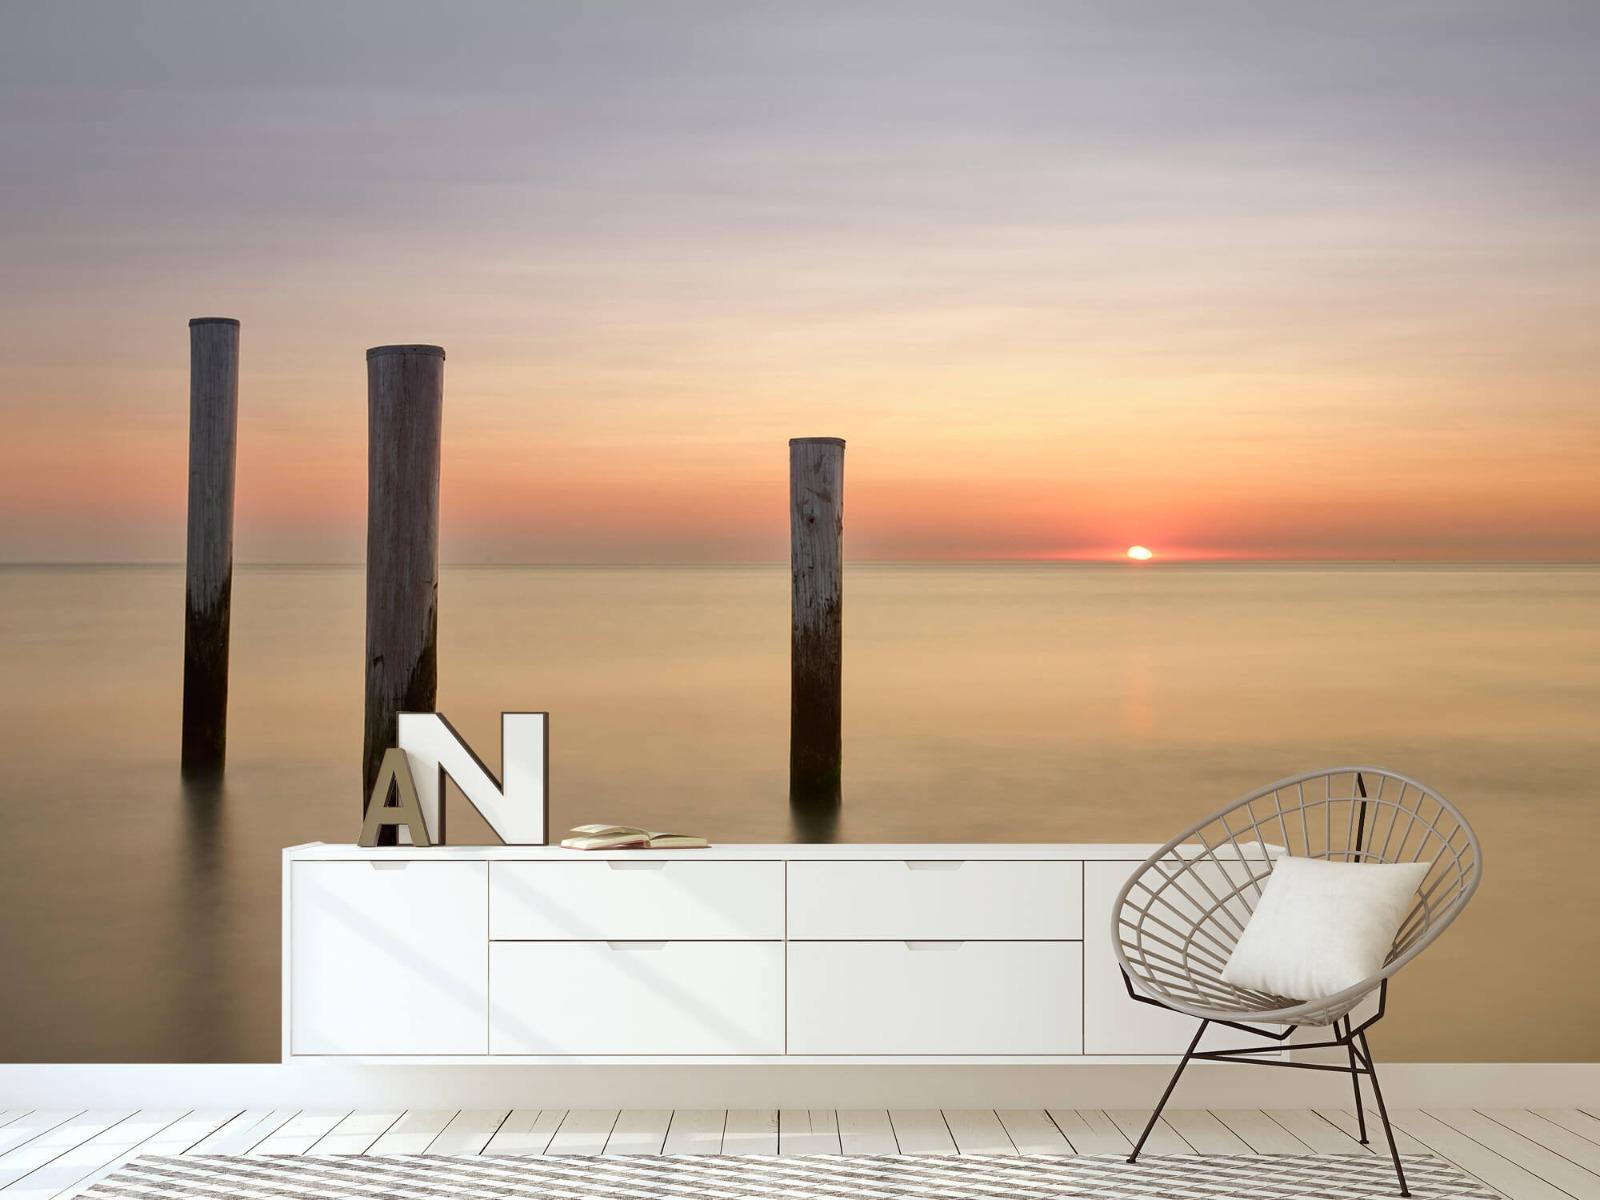 Zeeën en Oceanen - Drie houten palen - Slaapkamer 23